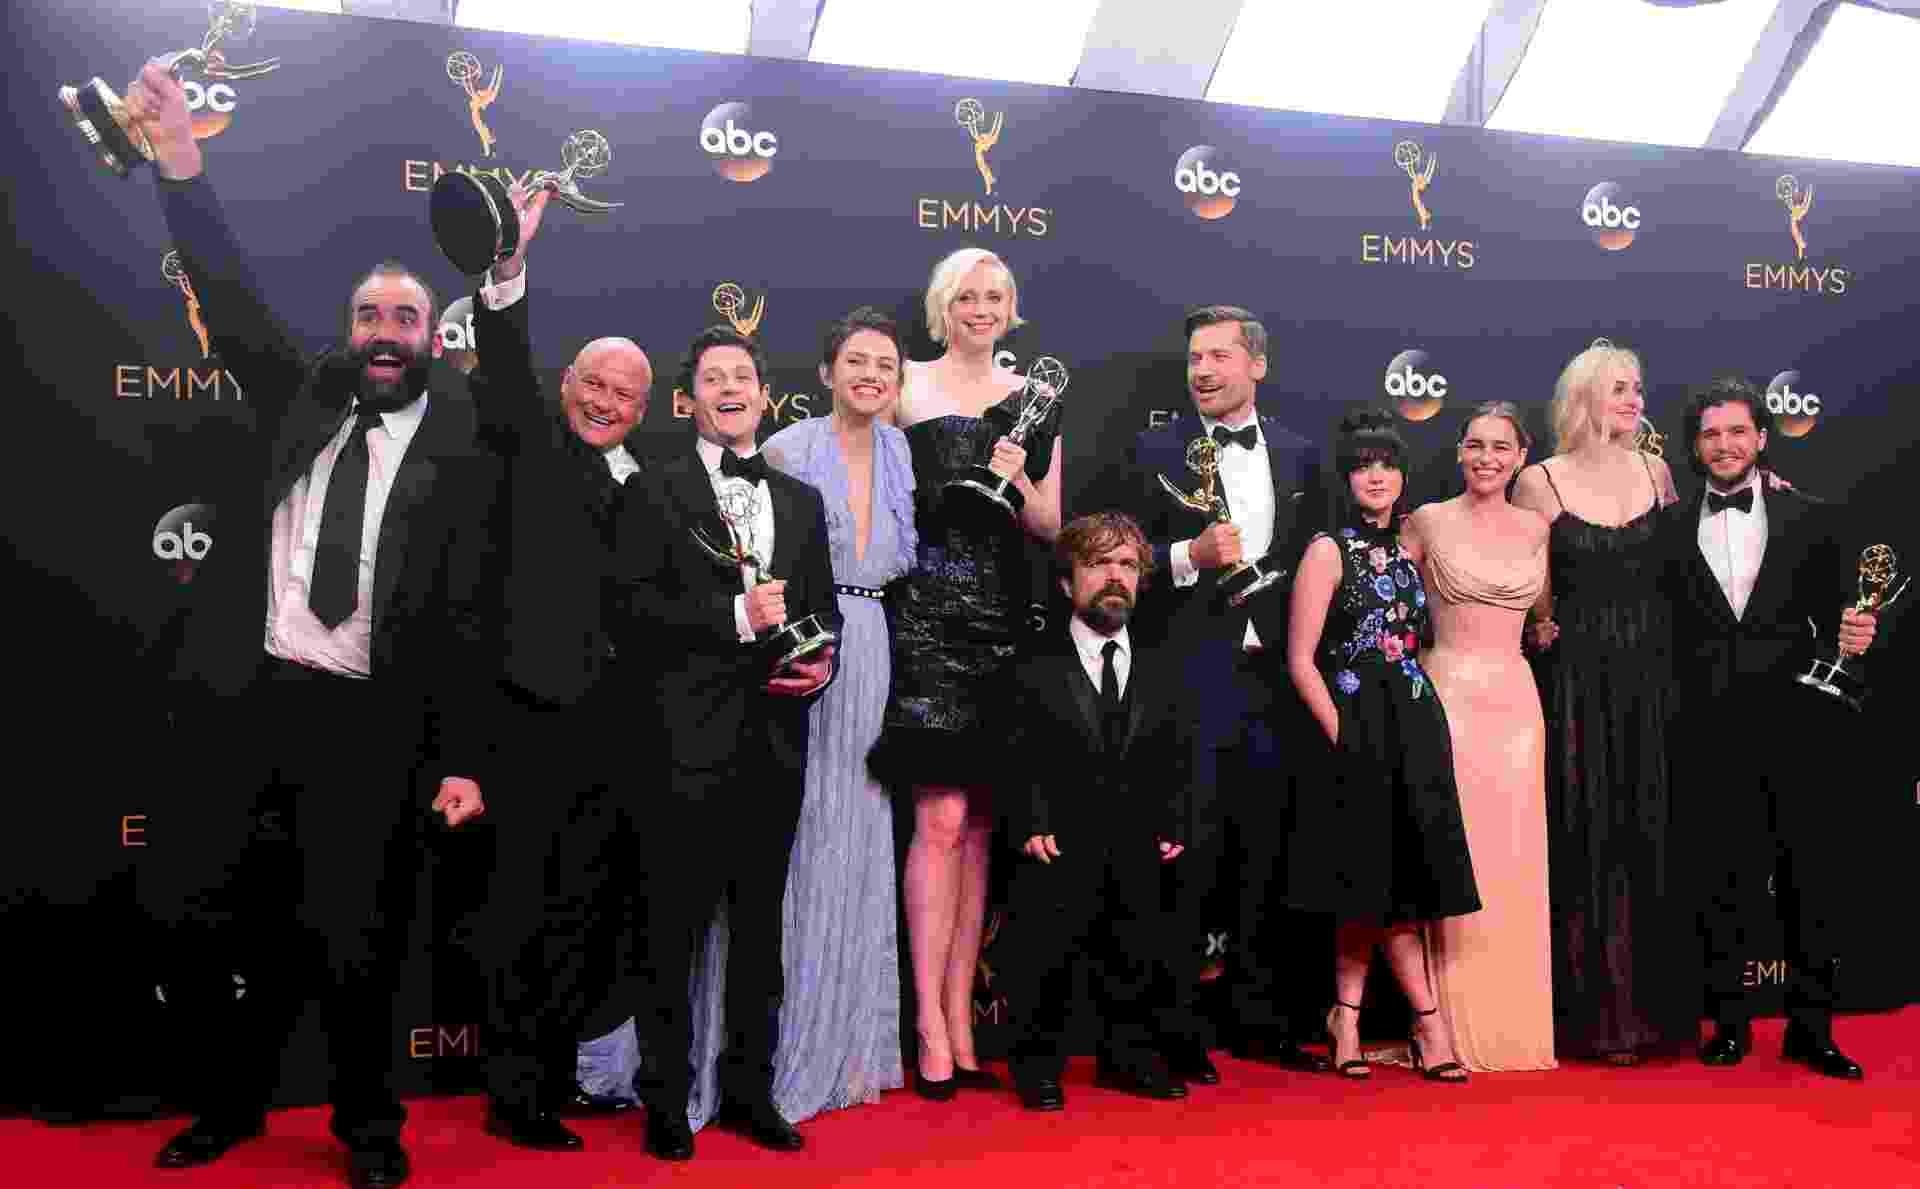 """18.set.2016 - Parte do elenco de """"Game of Thrones"""" posa com a estatueta do Emmy. A série foi eleita a melhor na categoria drama e se tornou a maior ganhadora da história da premiação - AFP"""